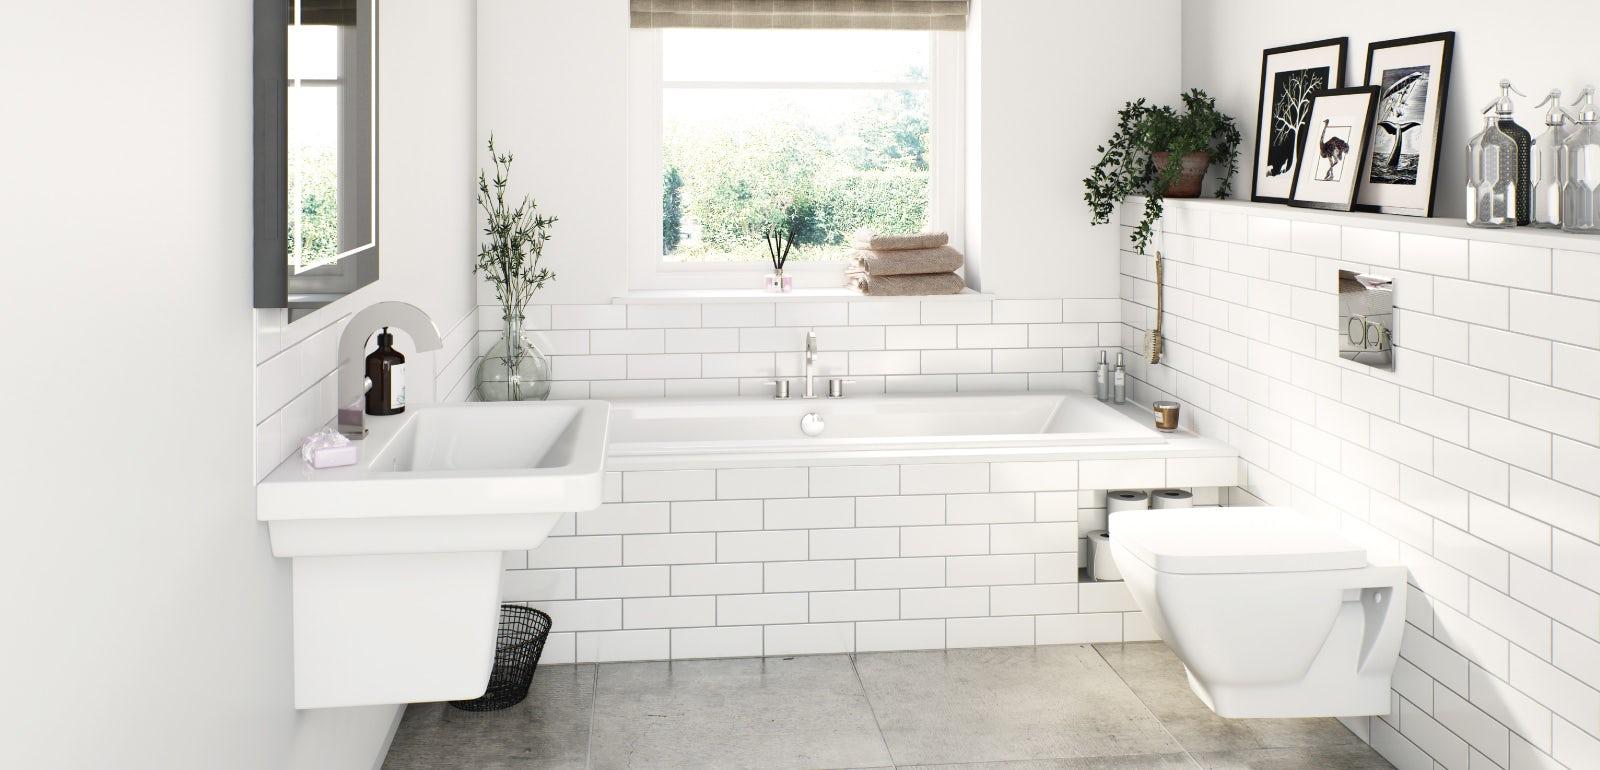 Designer bathroom suites: 5 of the best | VictoriaPlum.com